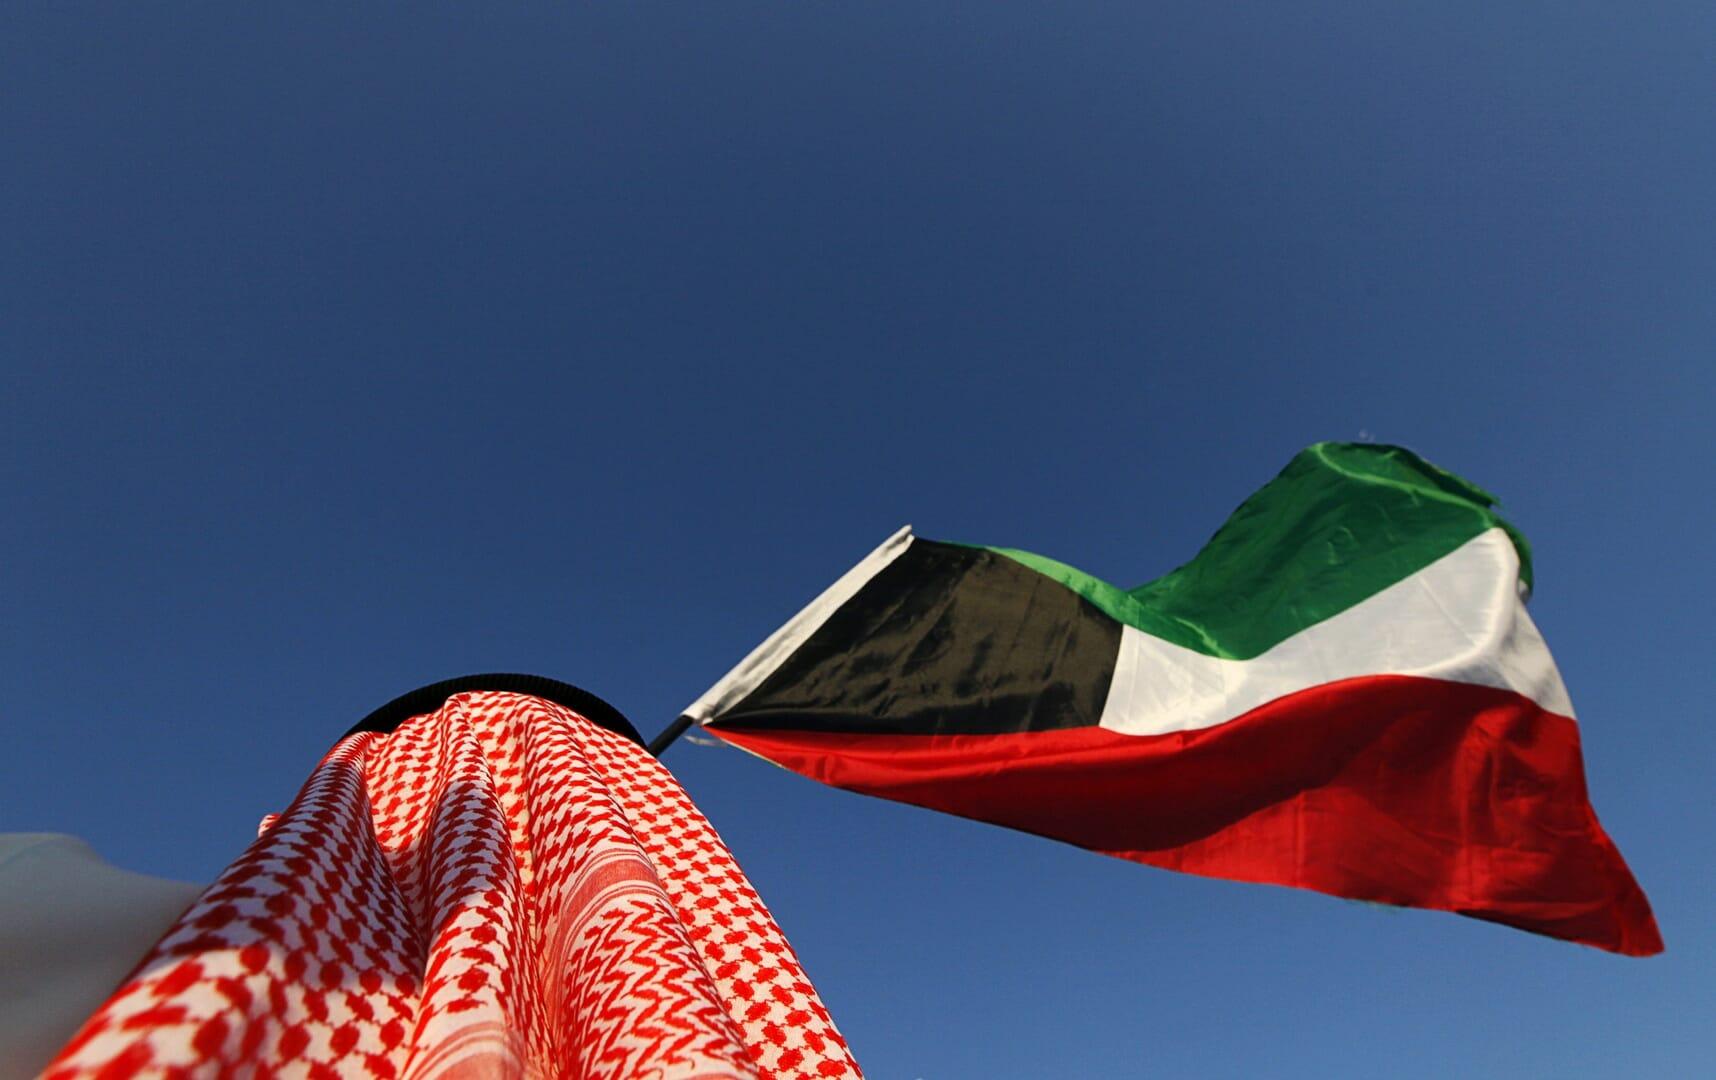 """""""فنان لبناني يسهّل الدعارة لشيخ كويتي مع 3 فتيات"""".. هذه حقيقة القضية التي ردّت عليها سفارة الكويت"""